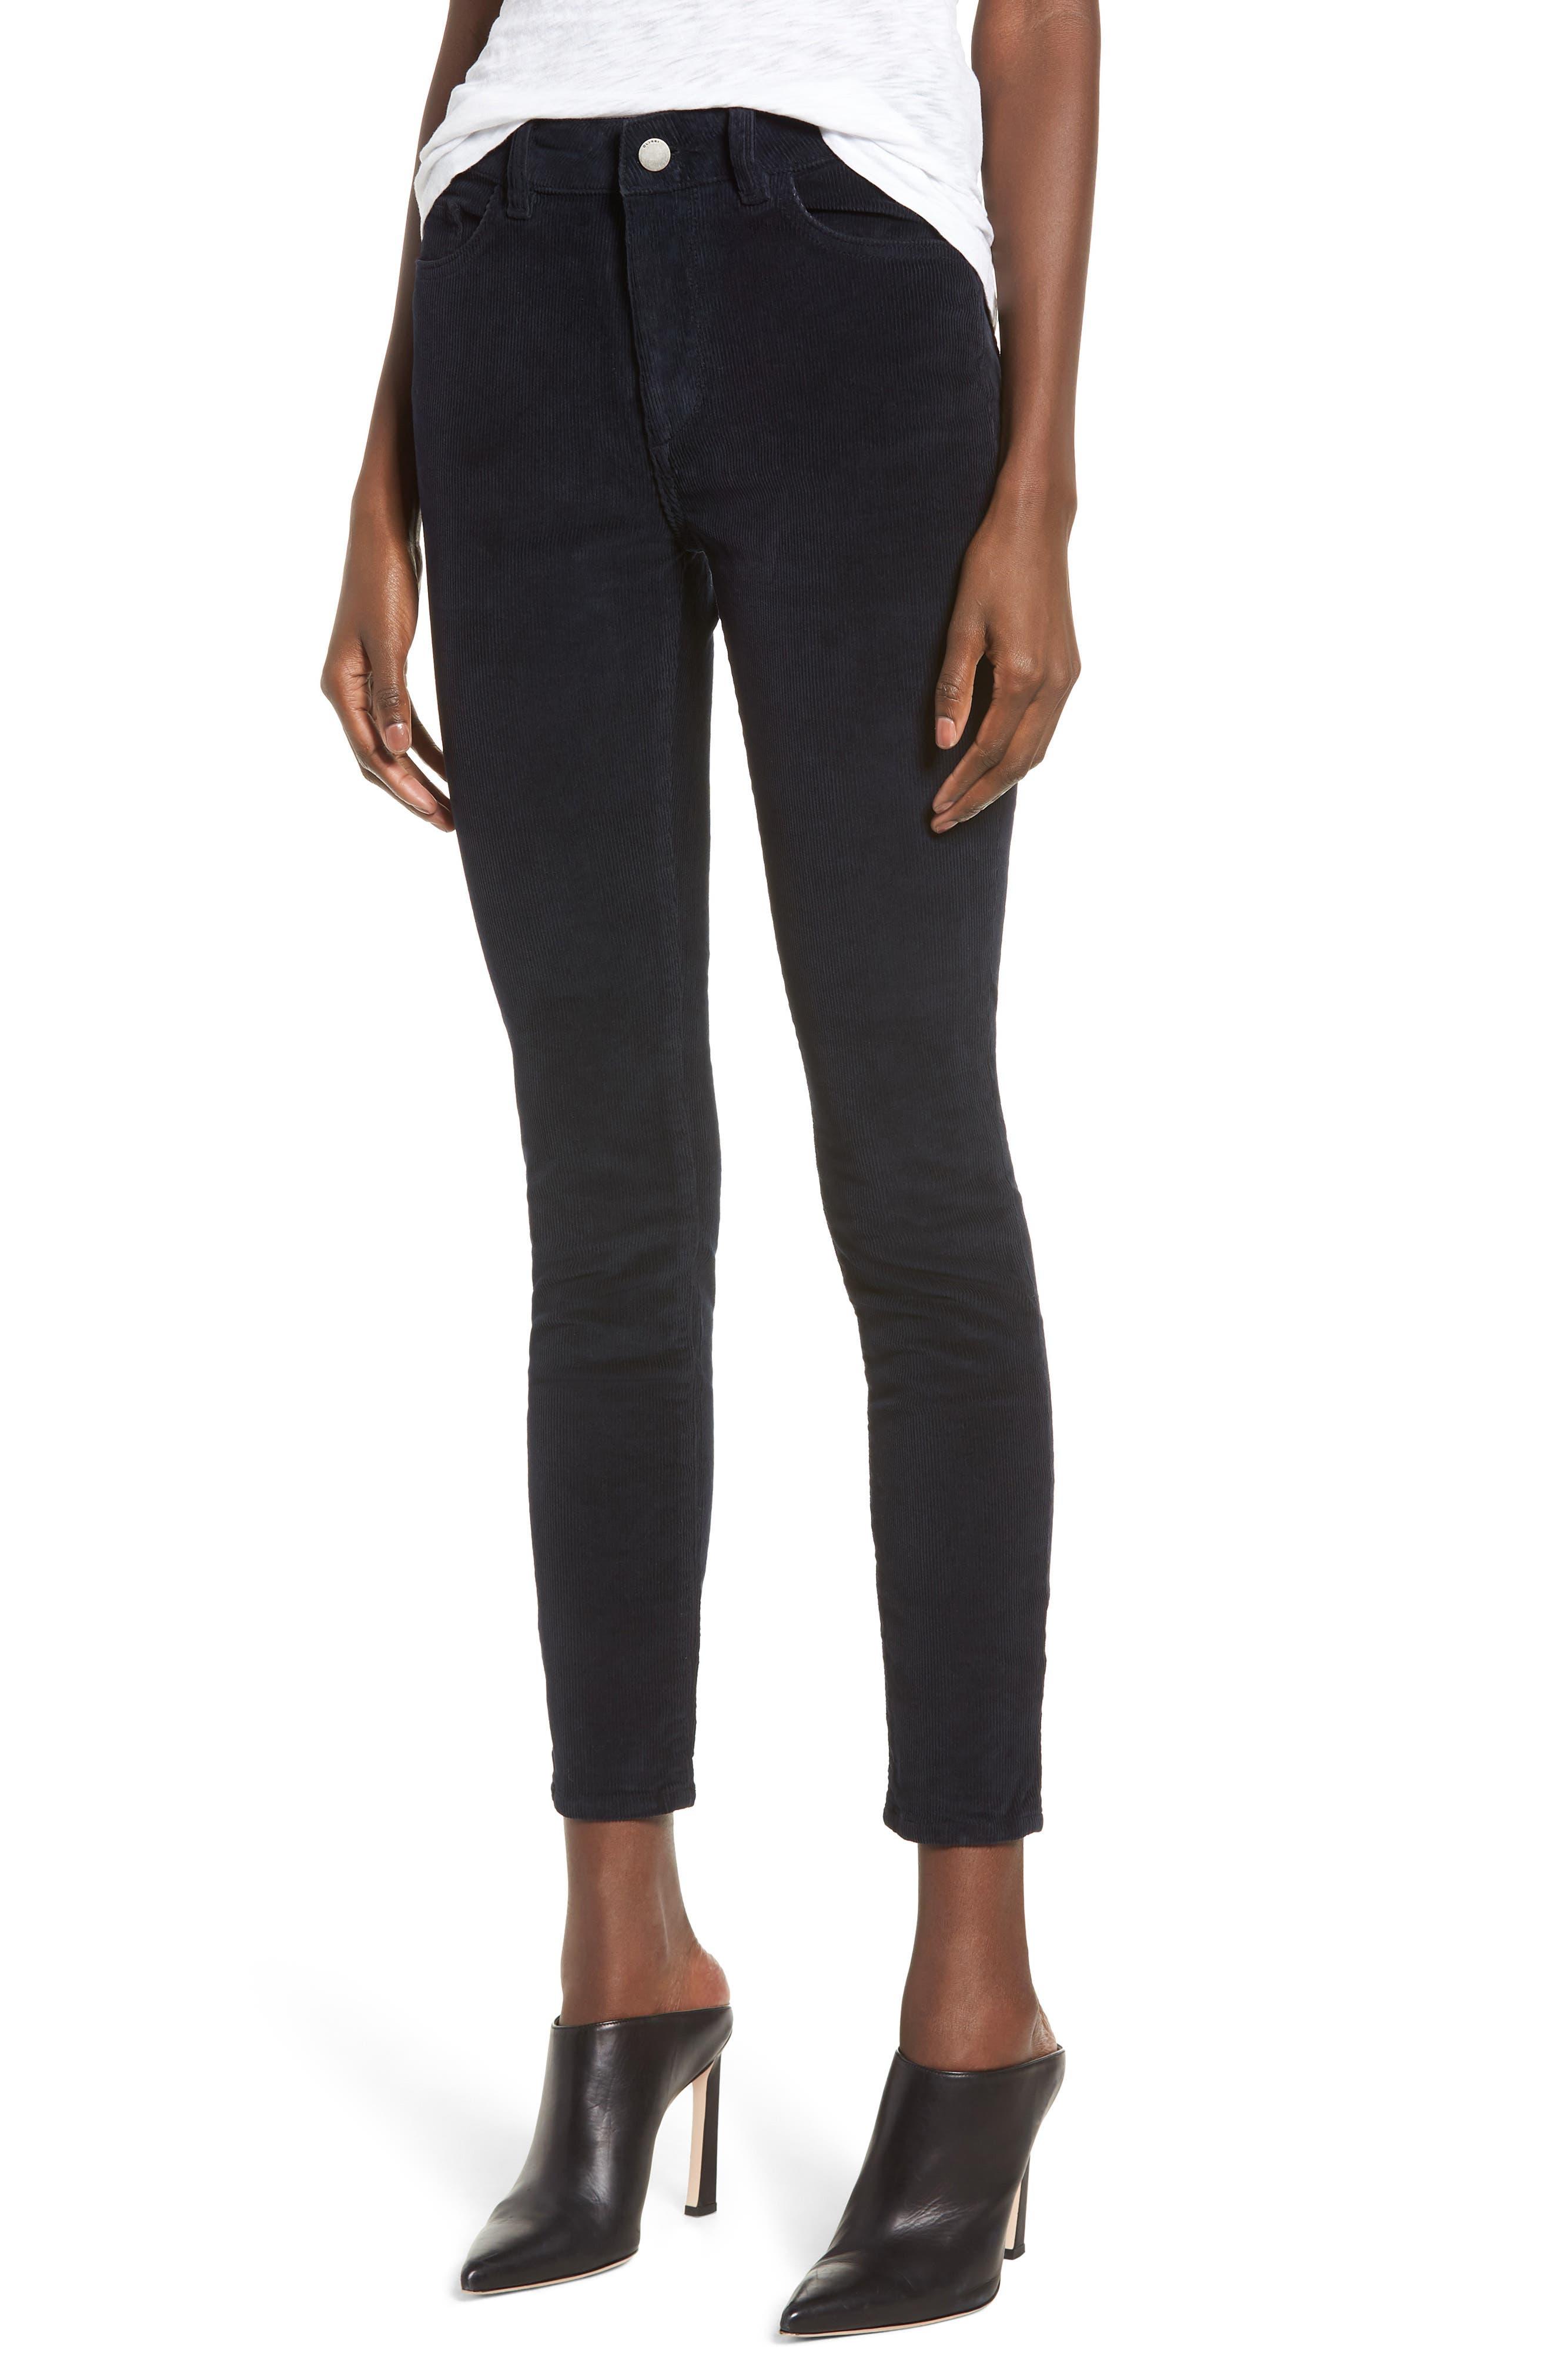 1961 Farrow Instaslim High Waist Ankle Skinny Jeans in Night Sky